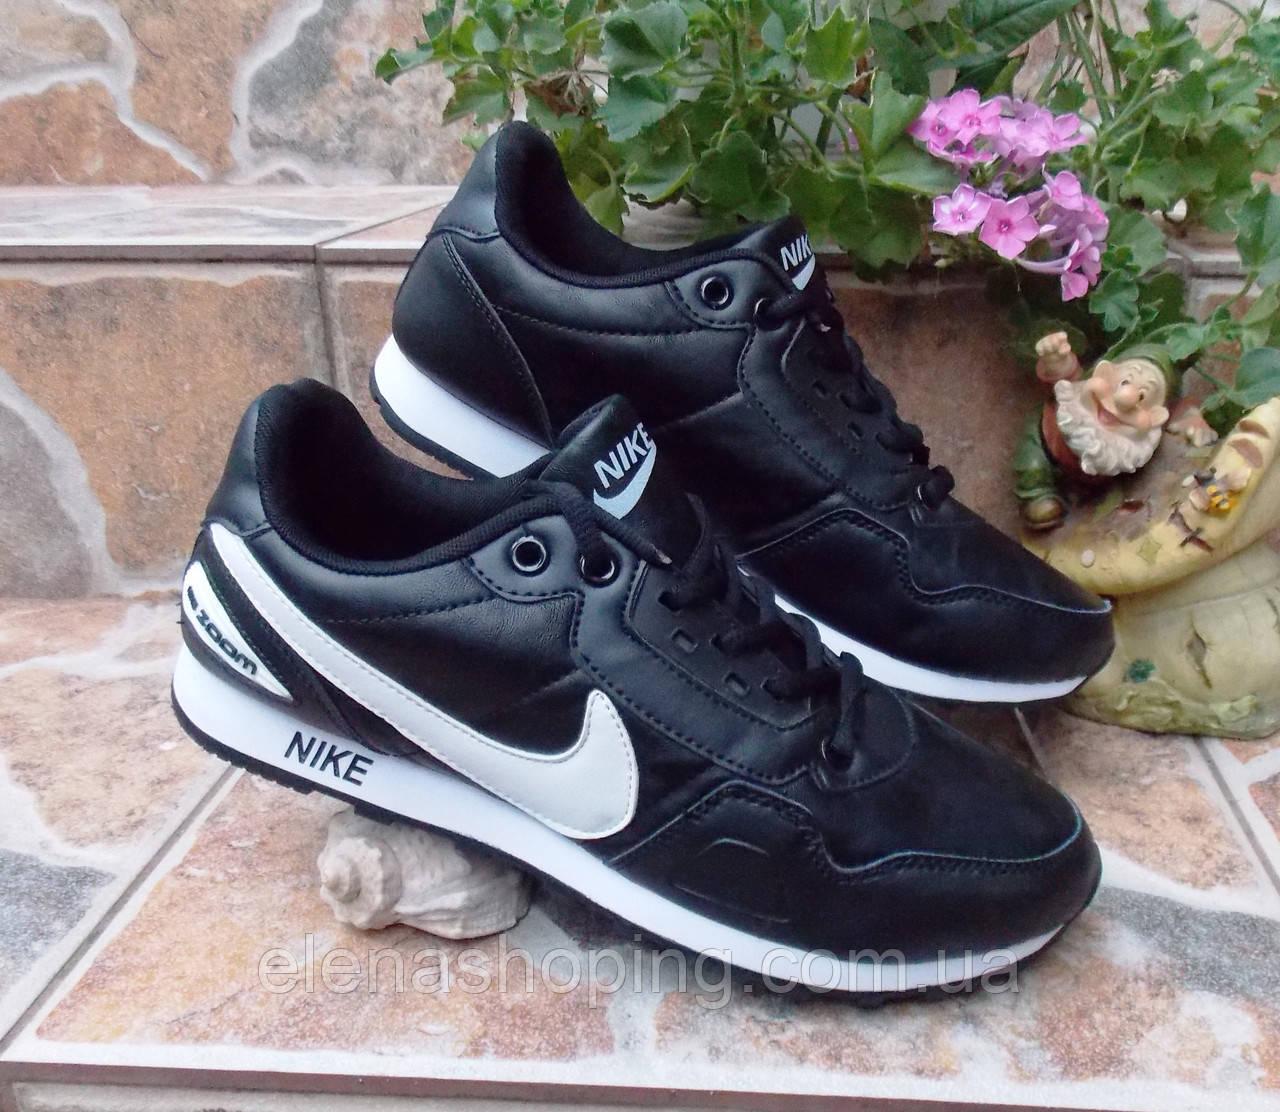 2c474967 Мужские стильные кроссовки под NIKE (р 43-44), цена 450 грн., купить ...